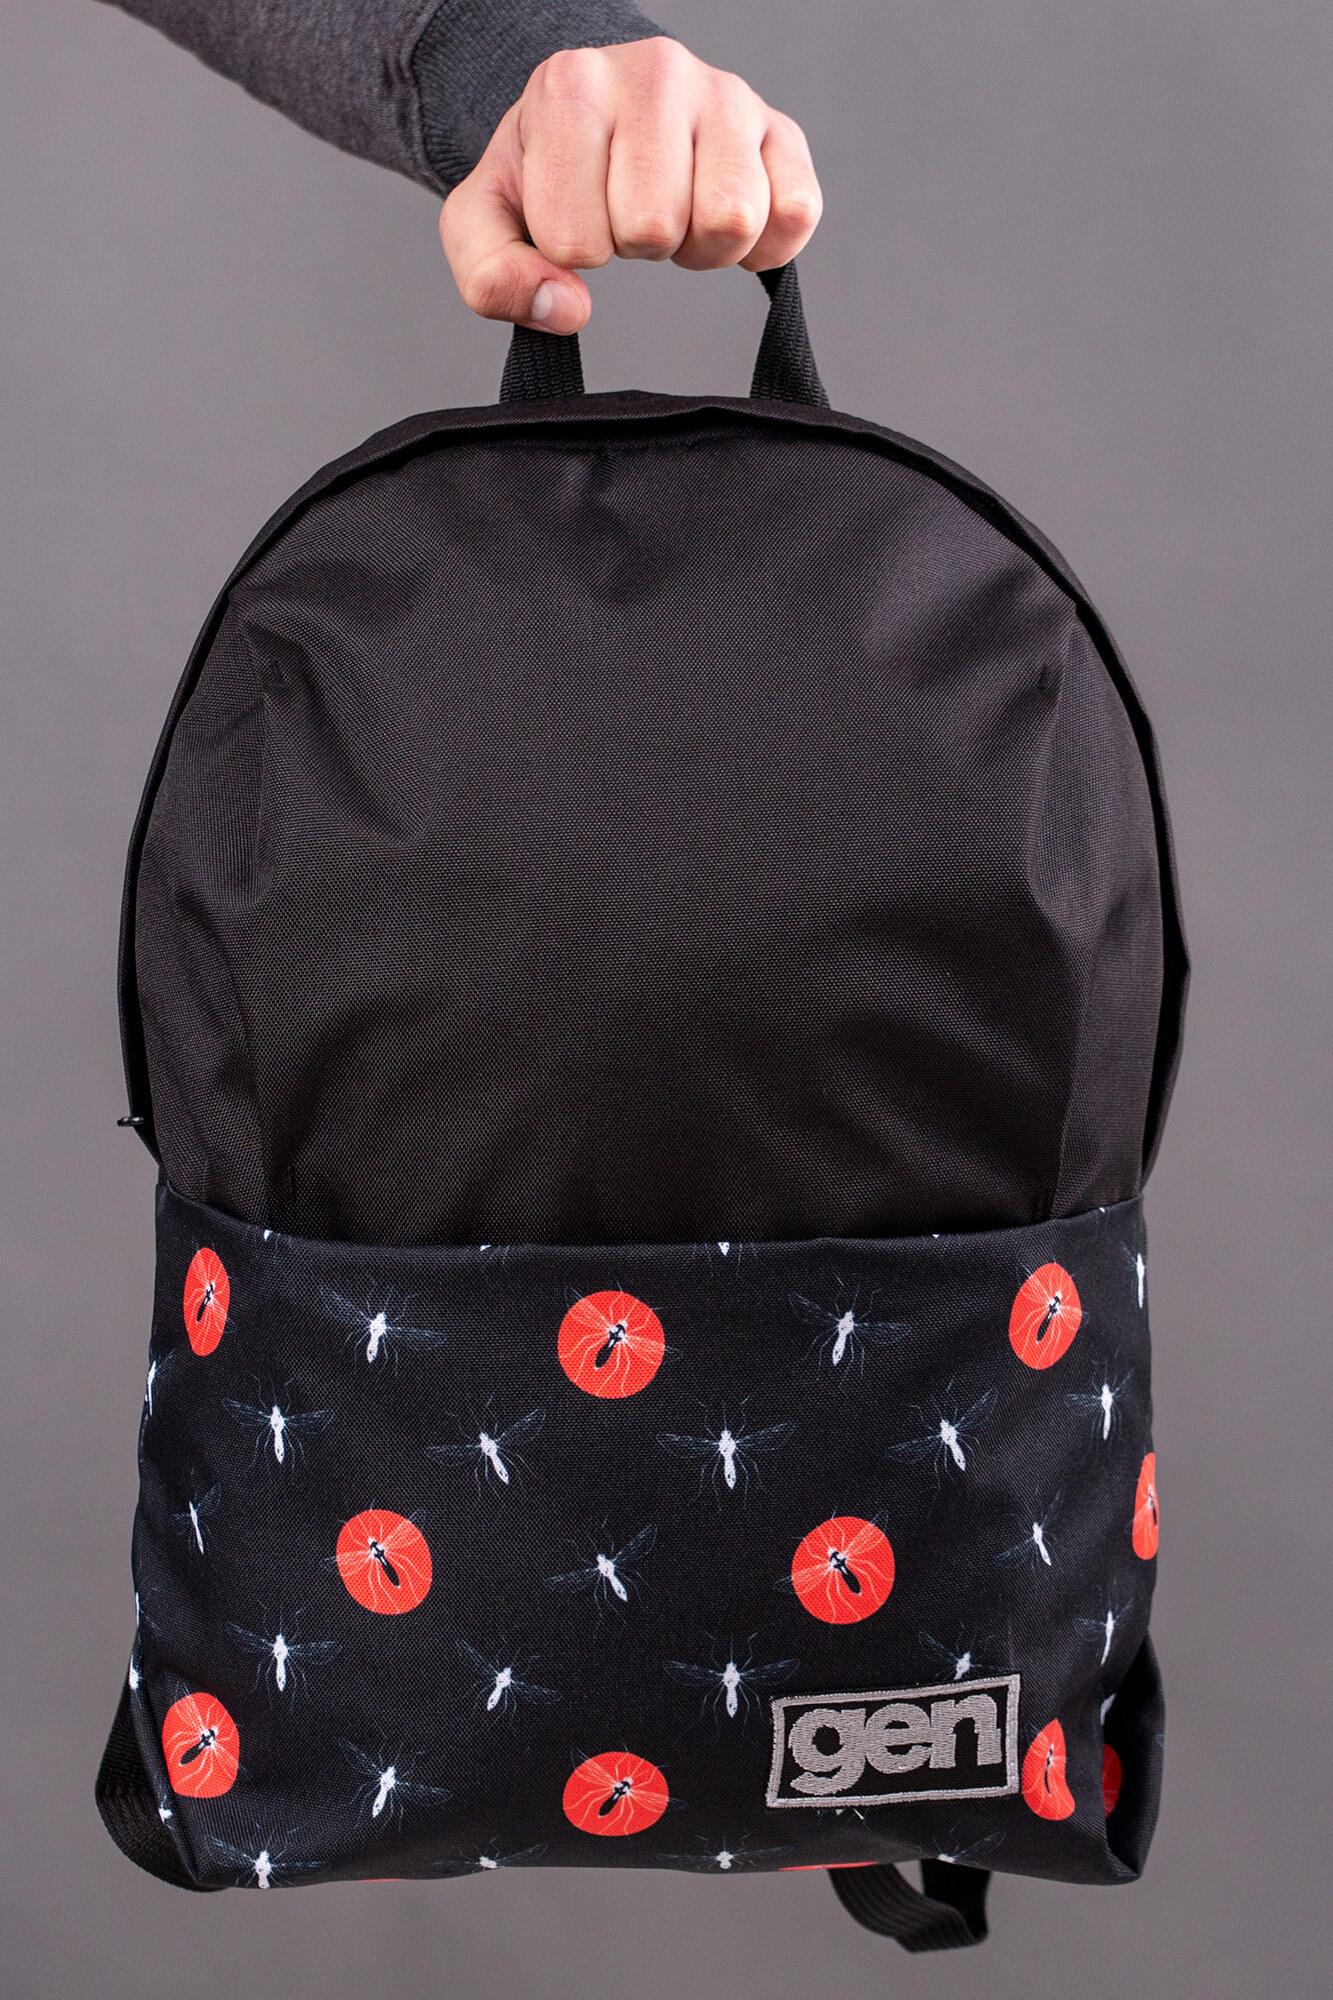 GEN Черный городской рюкзак из непромокаемой кордуры с карманом для ноутбука